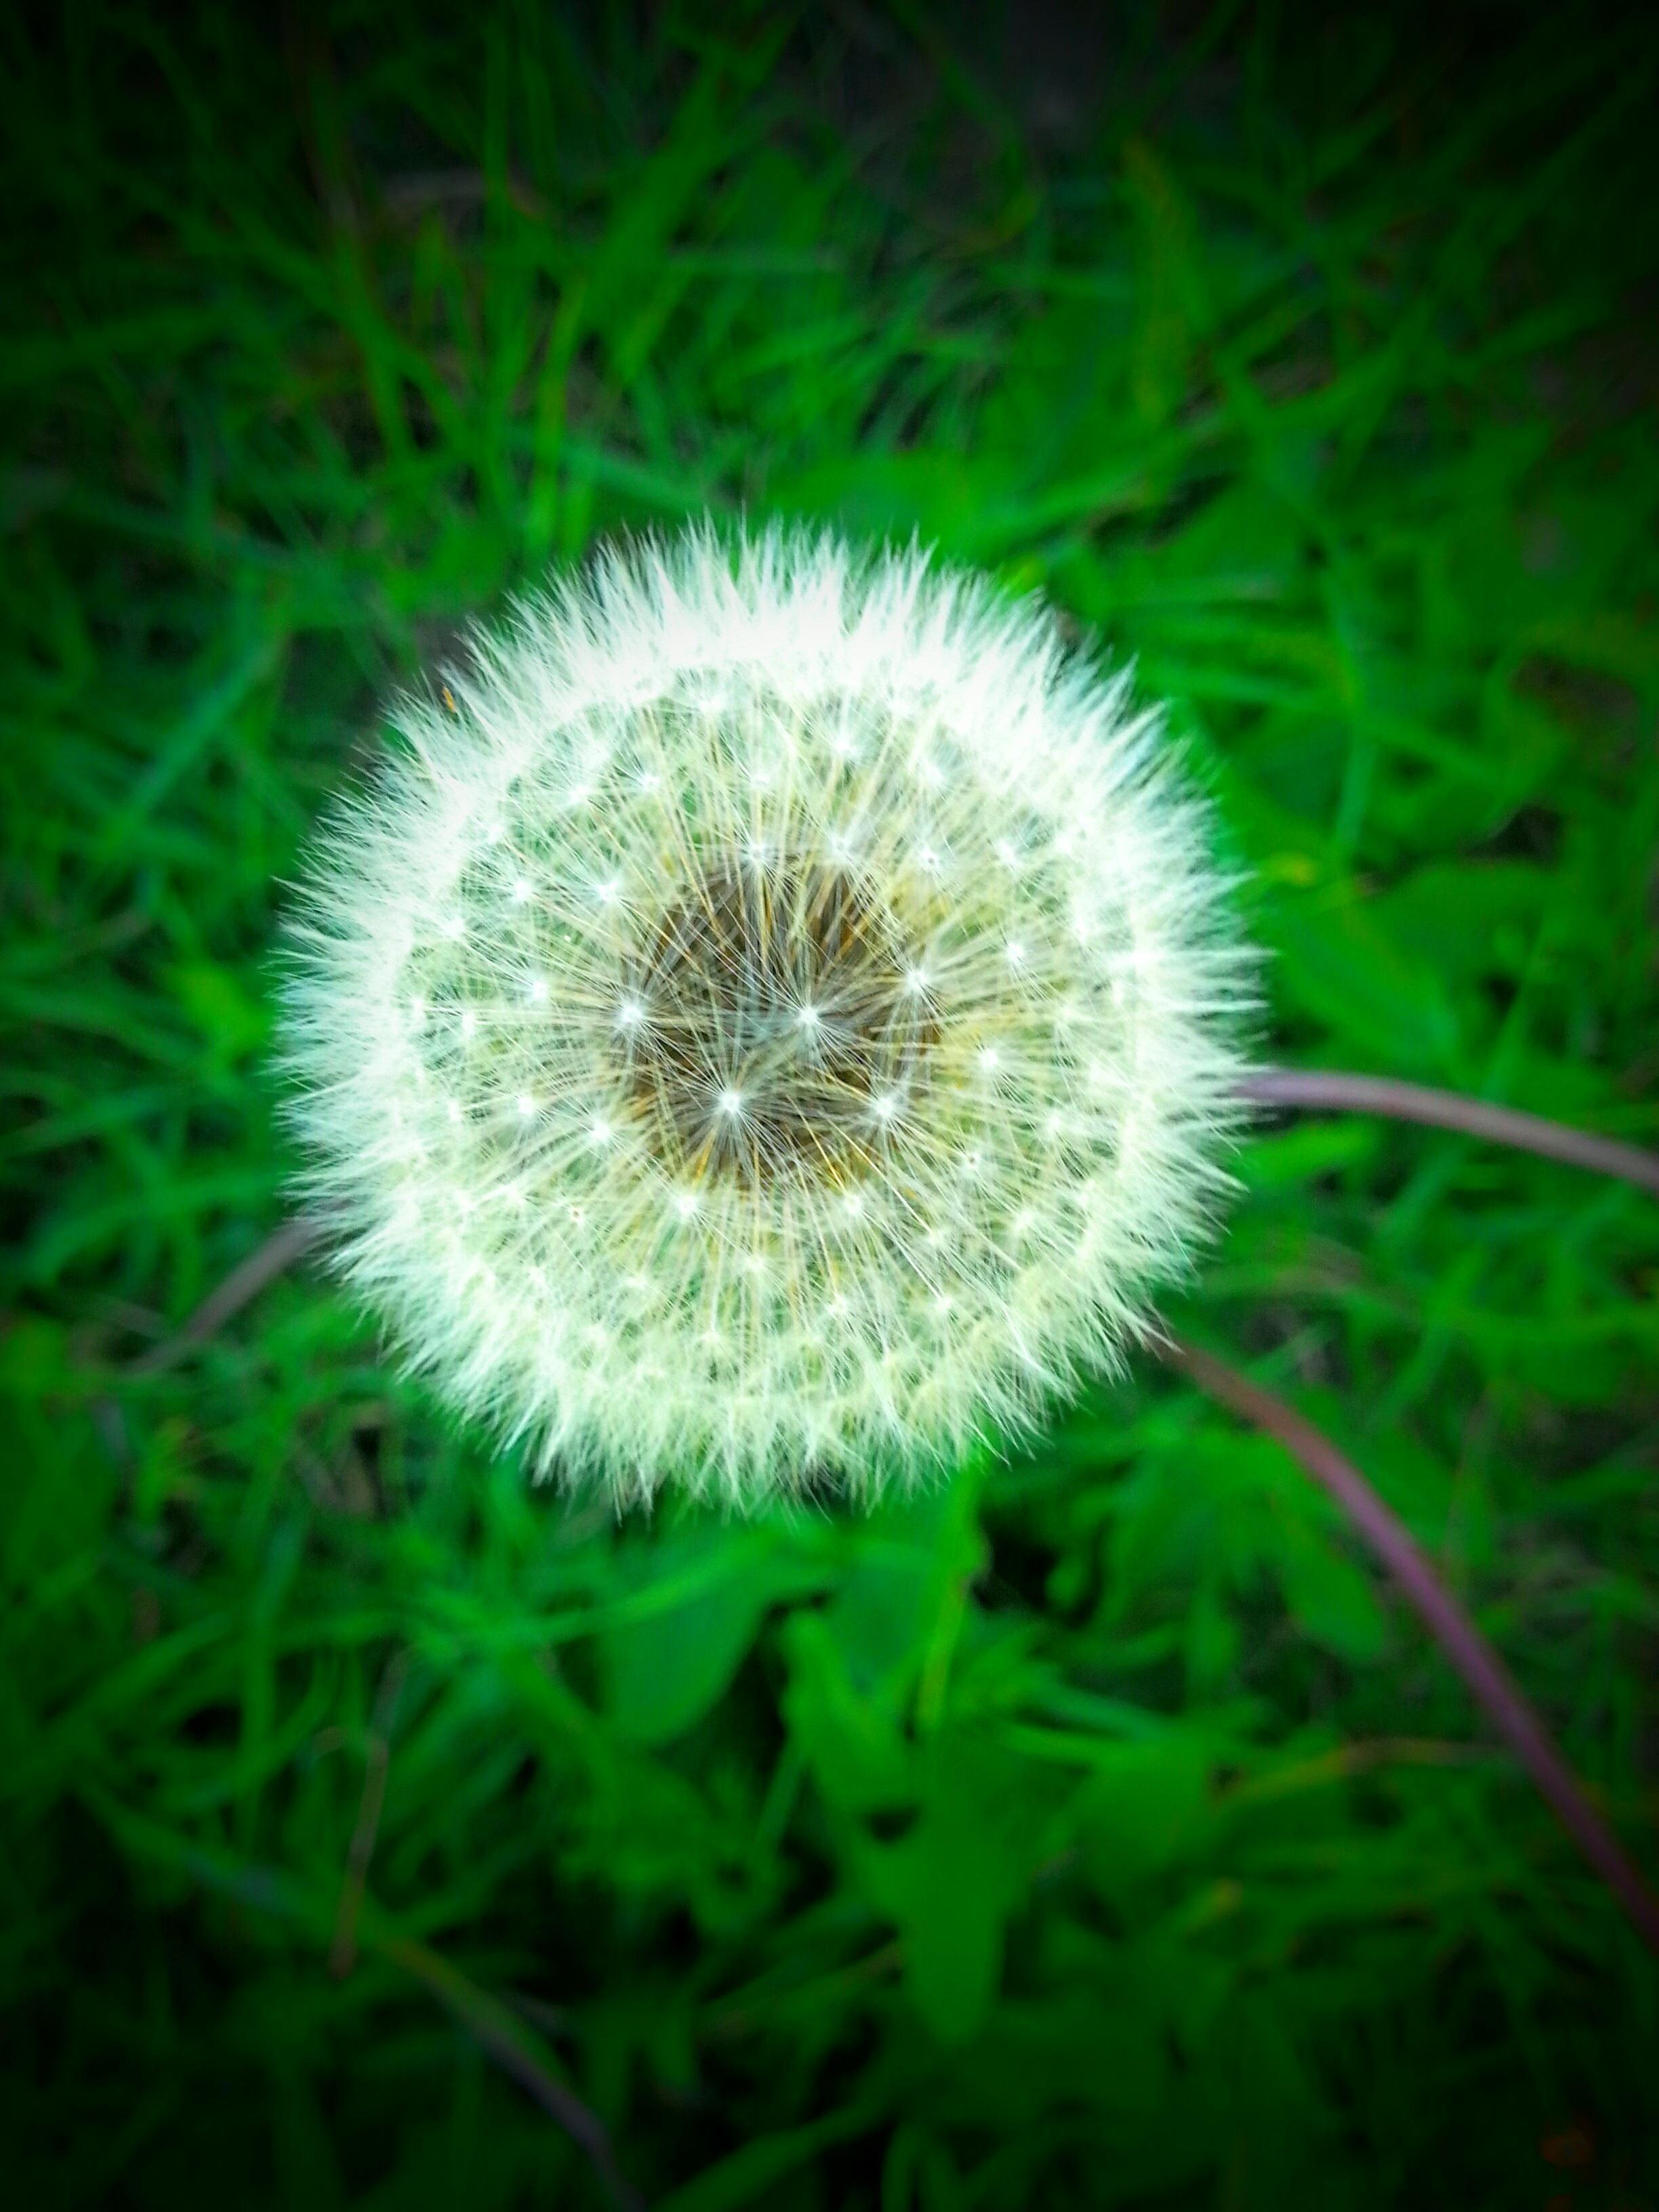 Free Images Grass Dandelion Leaf Green Botany Garden Flora